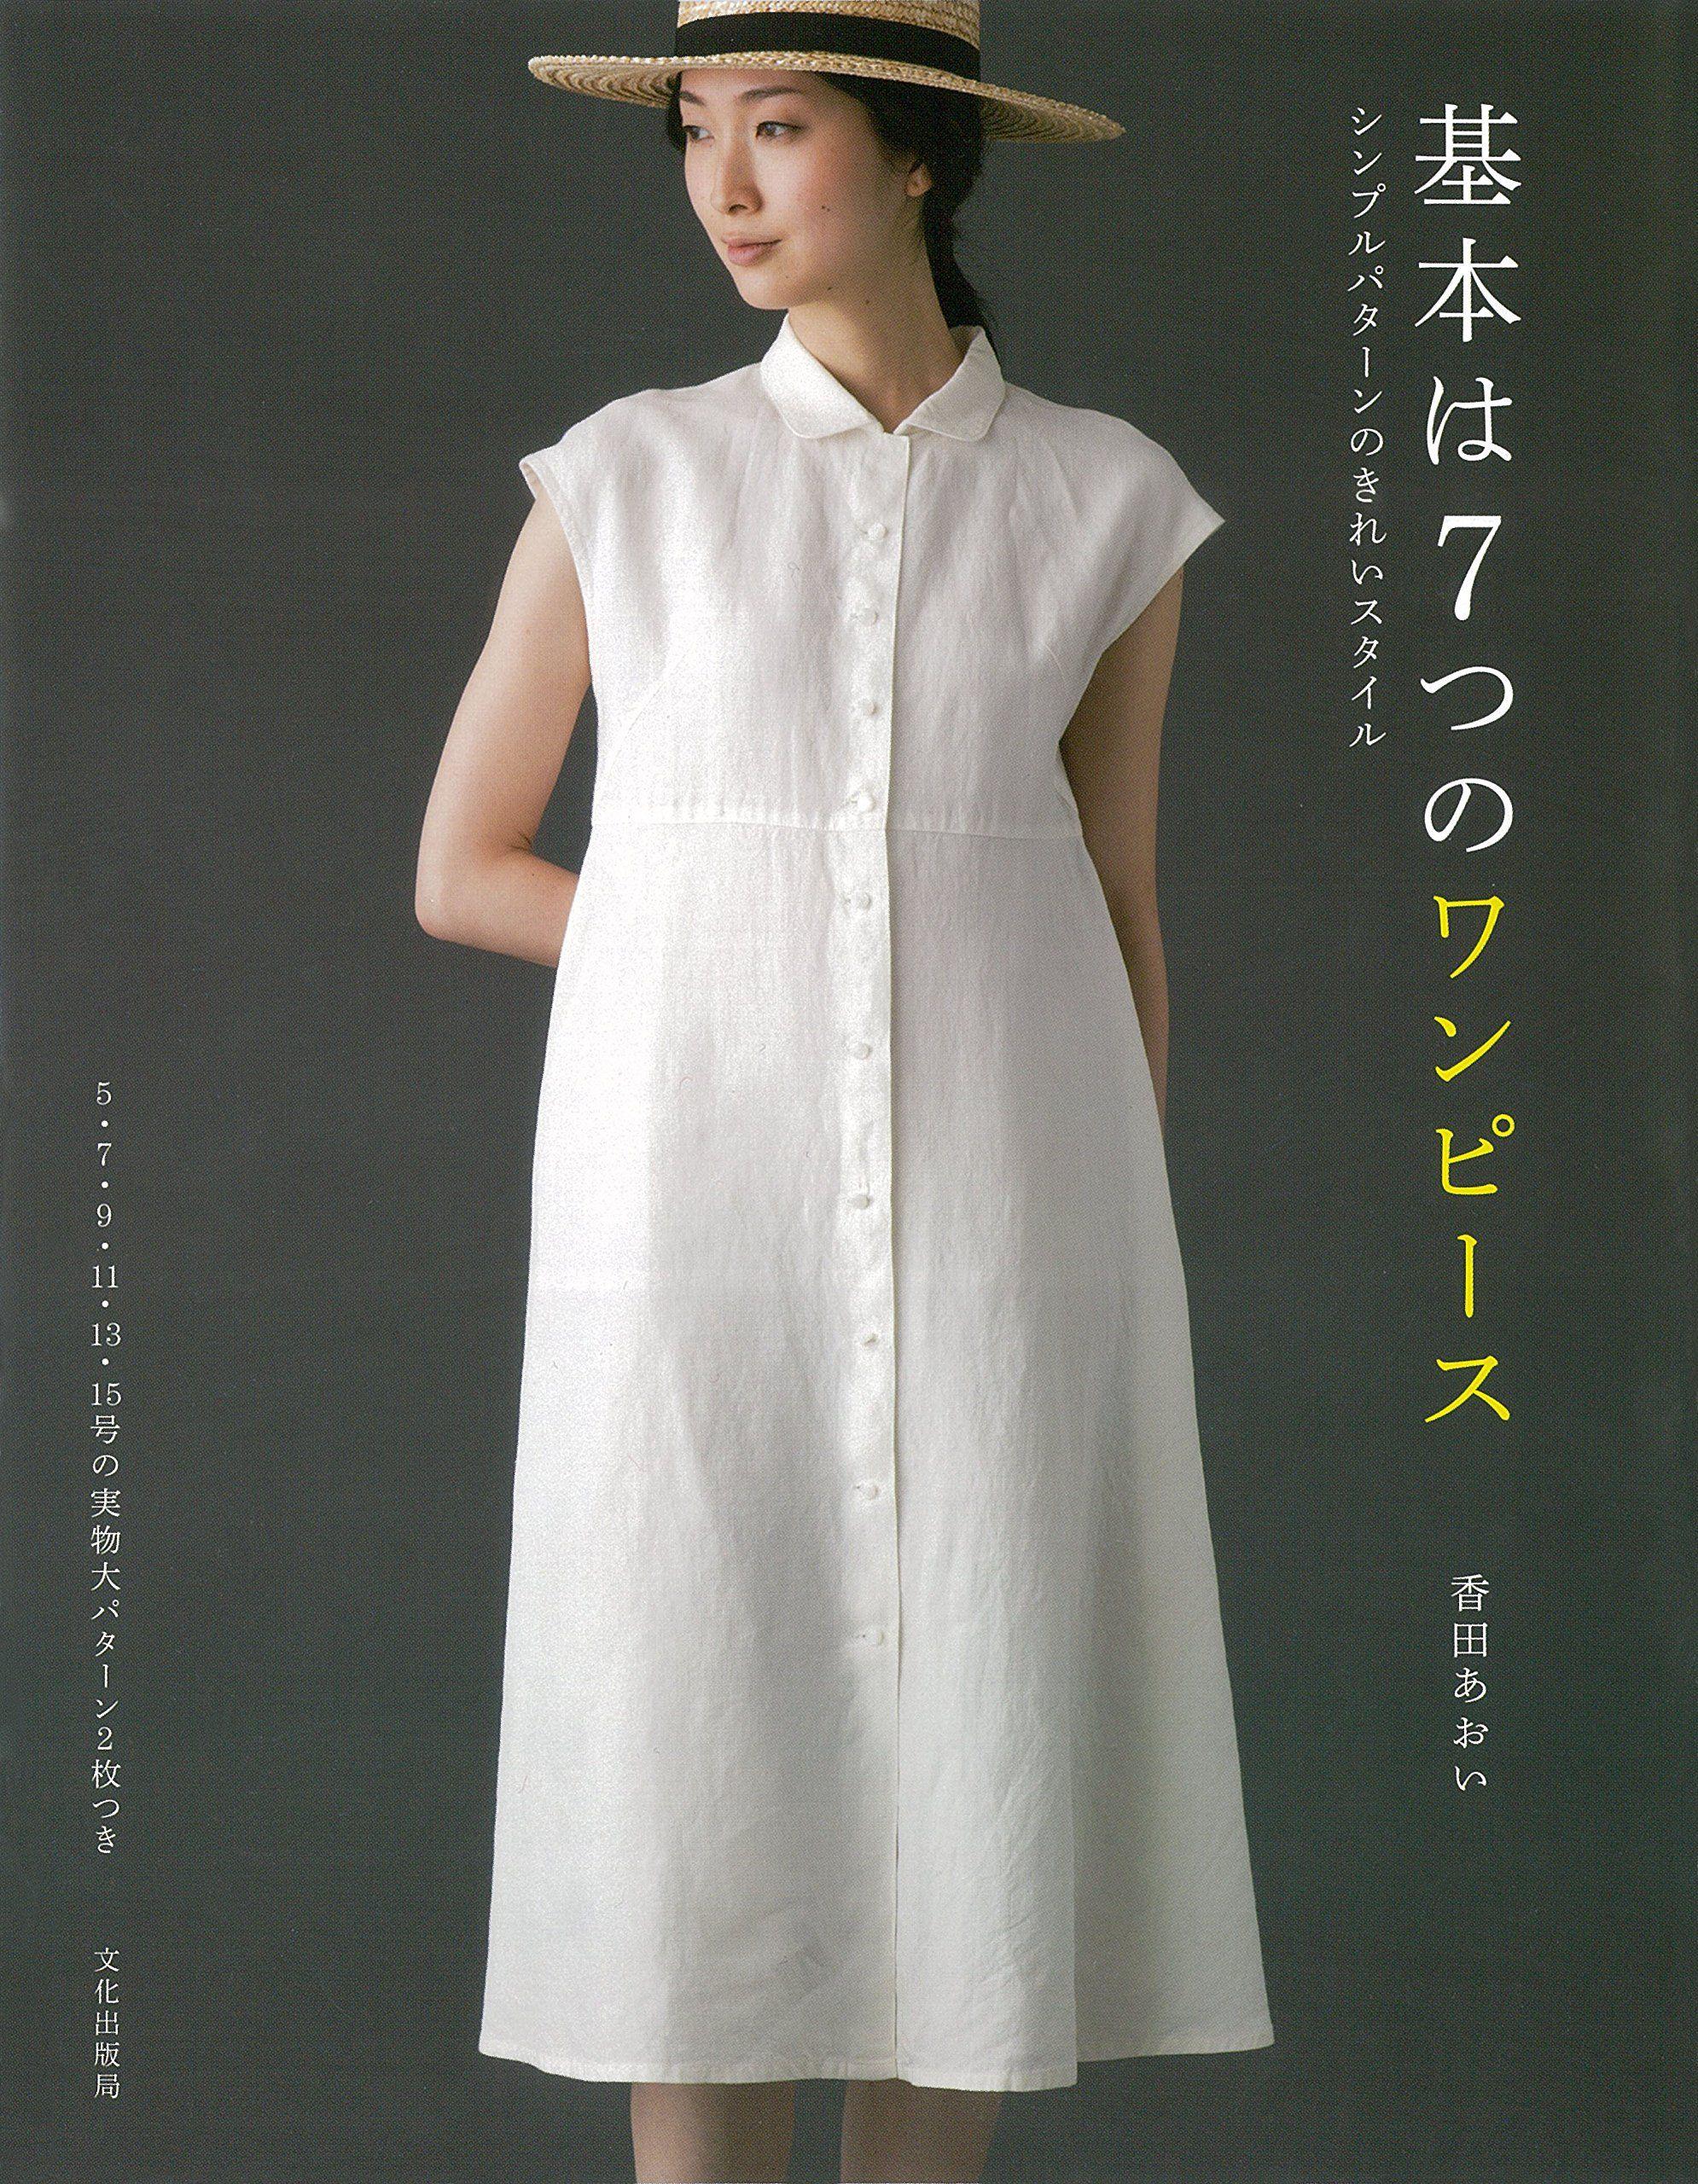 基本は7つのワンピース シンプルパターンのきれいスタイル : 香田 あおい ...